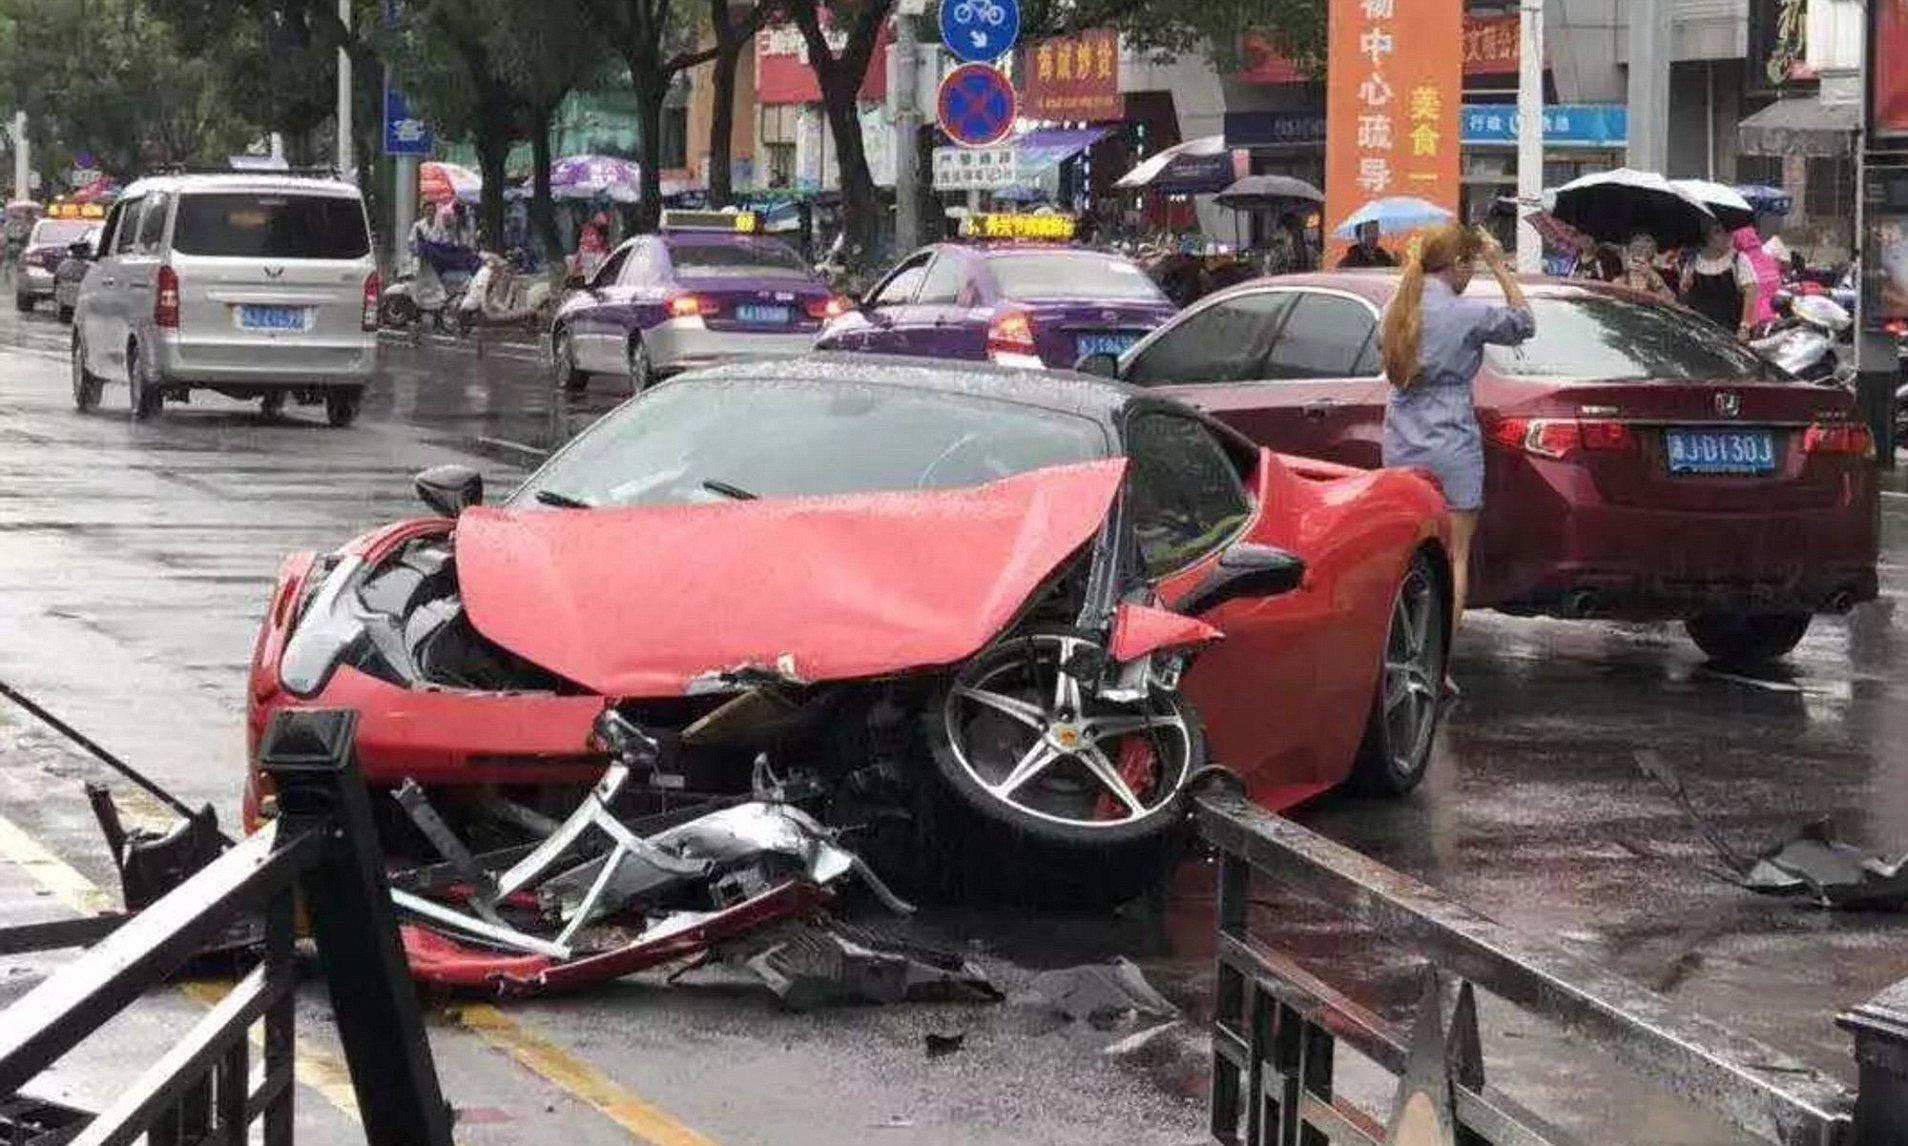 امرأة صينية تدمر فيراري استأجرتها في حادث مروع